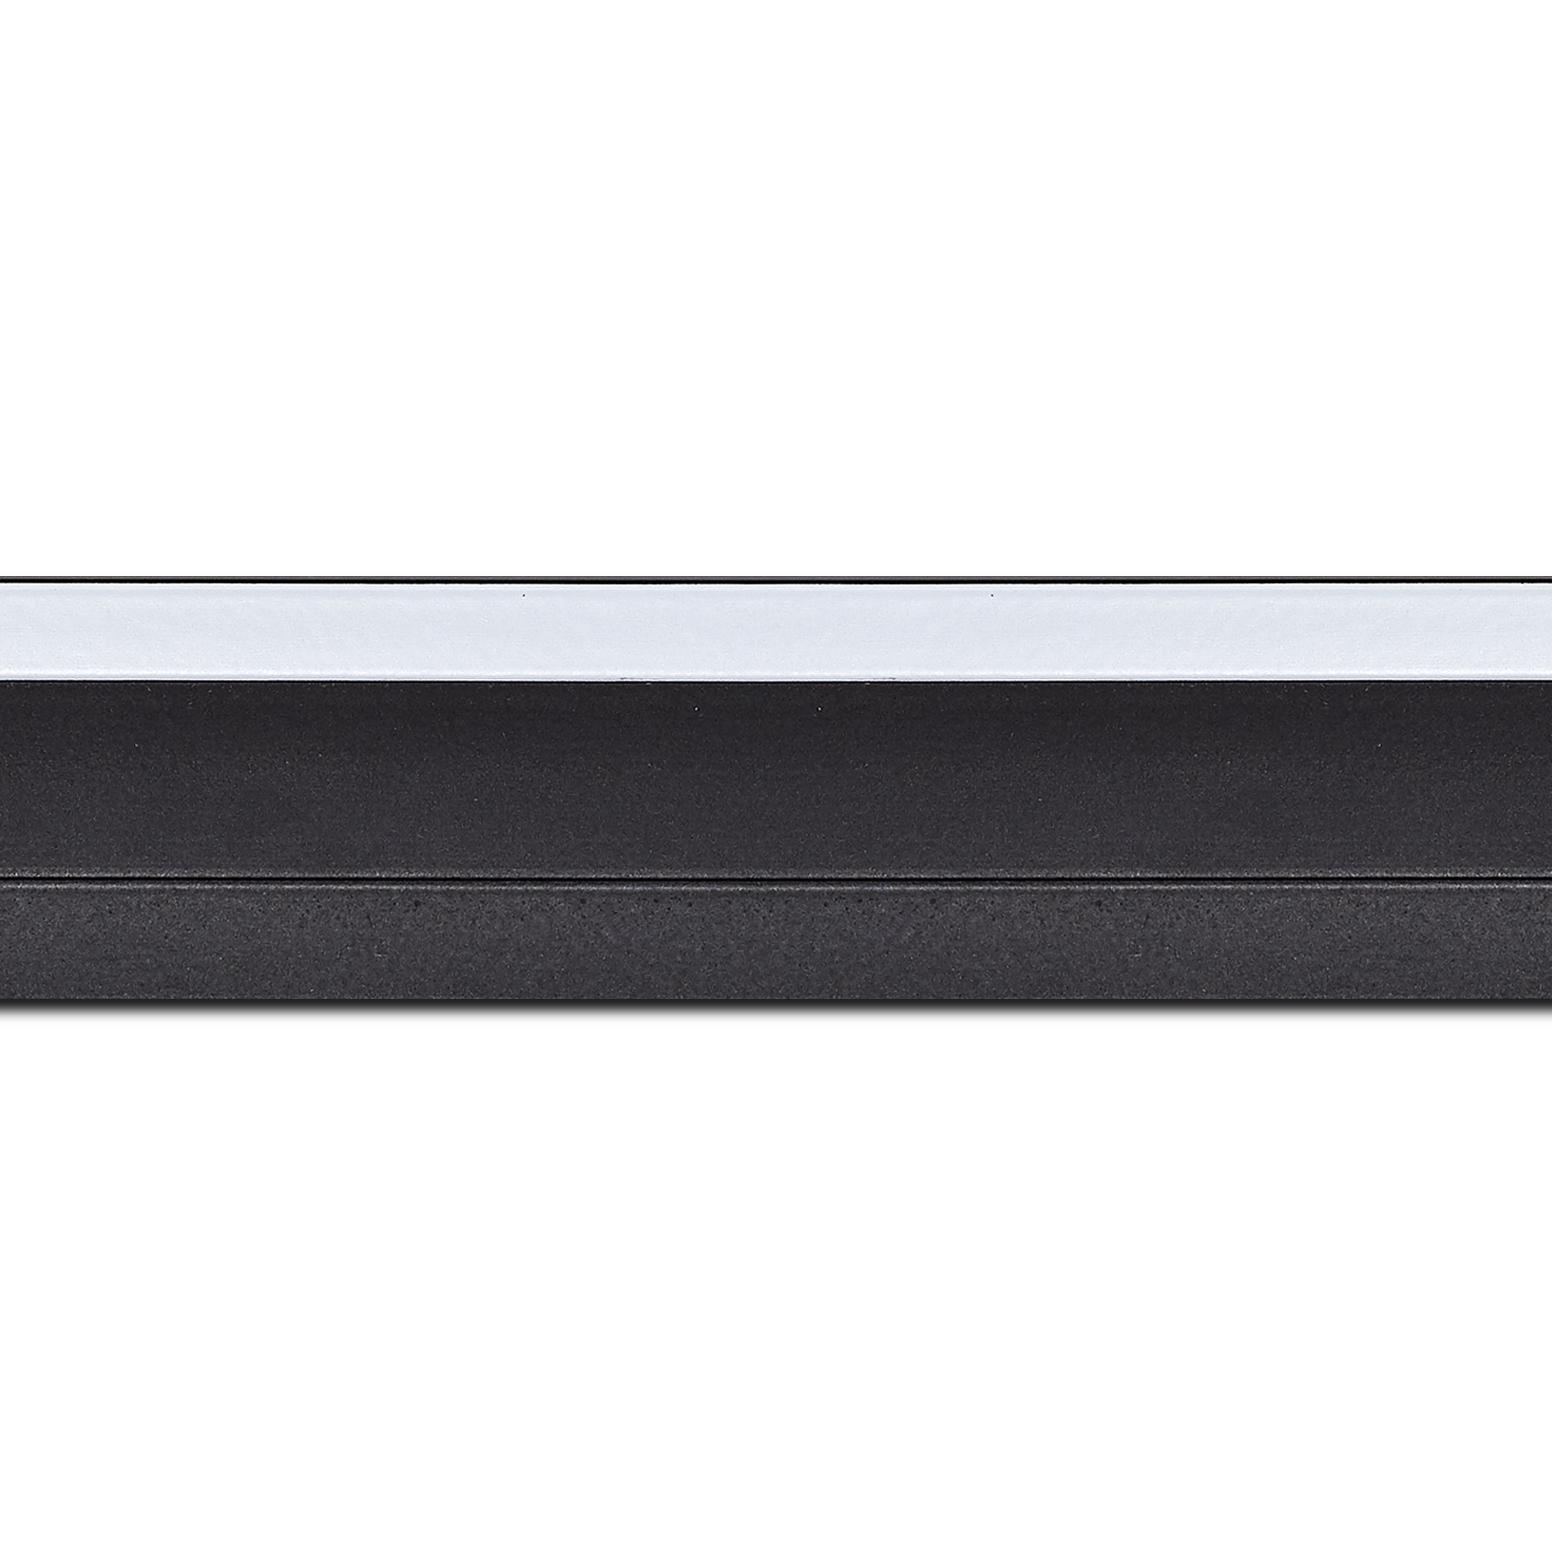 Pack par 12m, bois caisse américaine profil escalier largeur 4.4cm noir mat filet blanc (spécialement conçu pour les châssis d'une épaisseur jusqu'à 2.5cm )(longueur baguette pouvant varier entre 2.40m et 3m selon arrivage des bois)